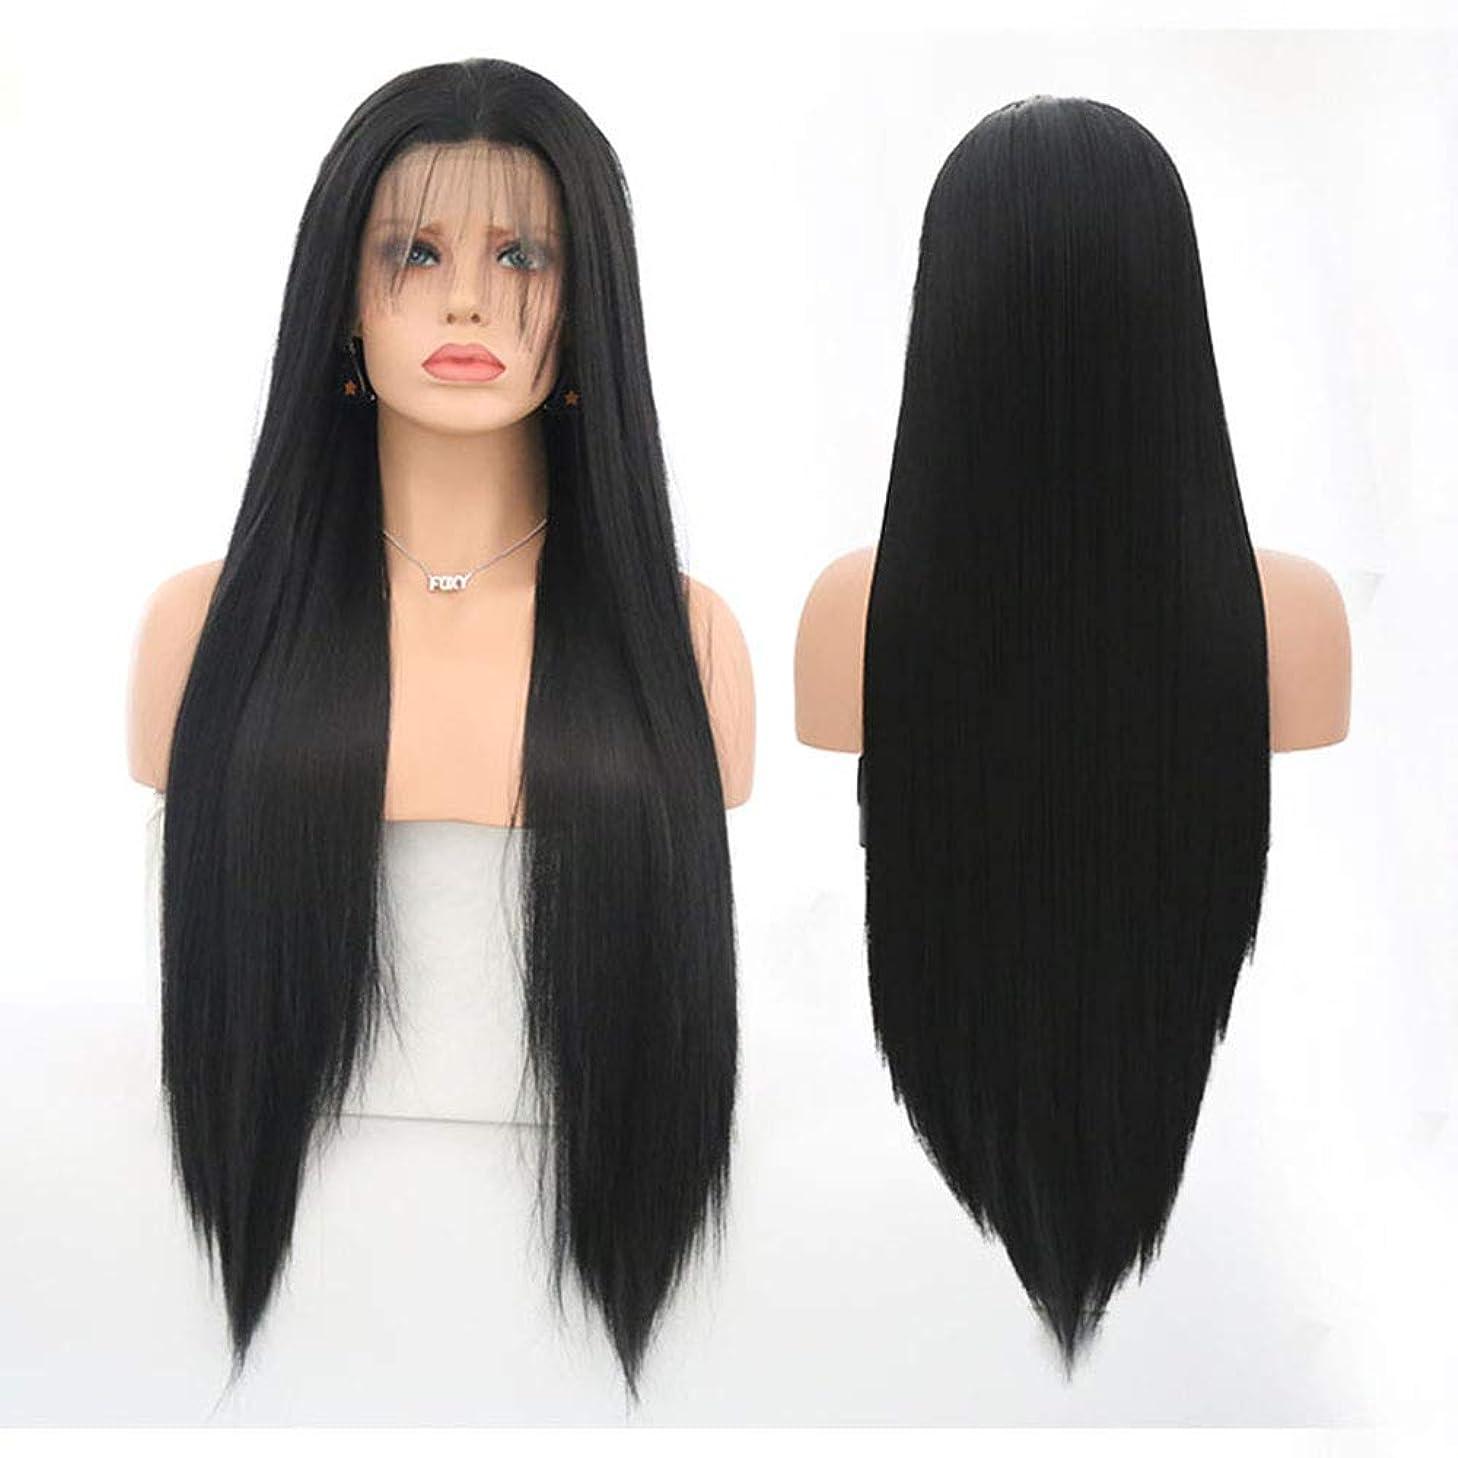 用量パンサーキロメートル合成耐熱天然高品質かつらのための女性の長いストレートヘアウィッグ